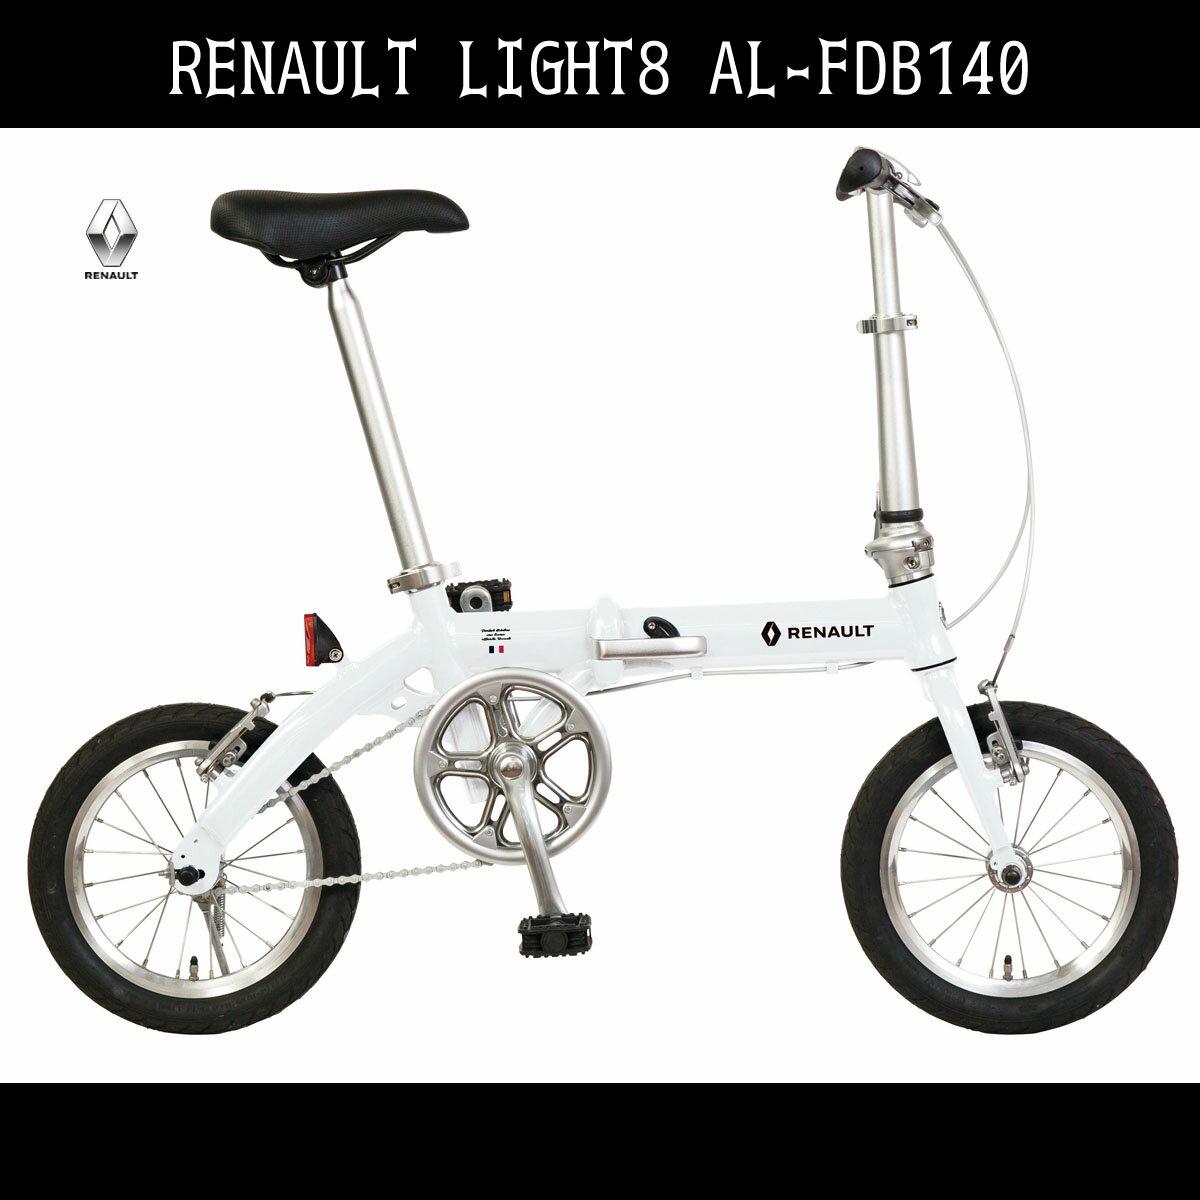 <関東限定特別価格>アルミニウム ライトエイト AL-FDB140 LIGHT8 ルノー ギアなし 折りたたみ自転車 軽量 14インチ 白 ホワイト 折りたたみ自転車 自転車 RENAULT ルノー 自転車 送料無料 軽量 クリスマス